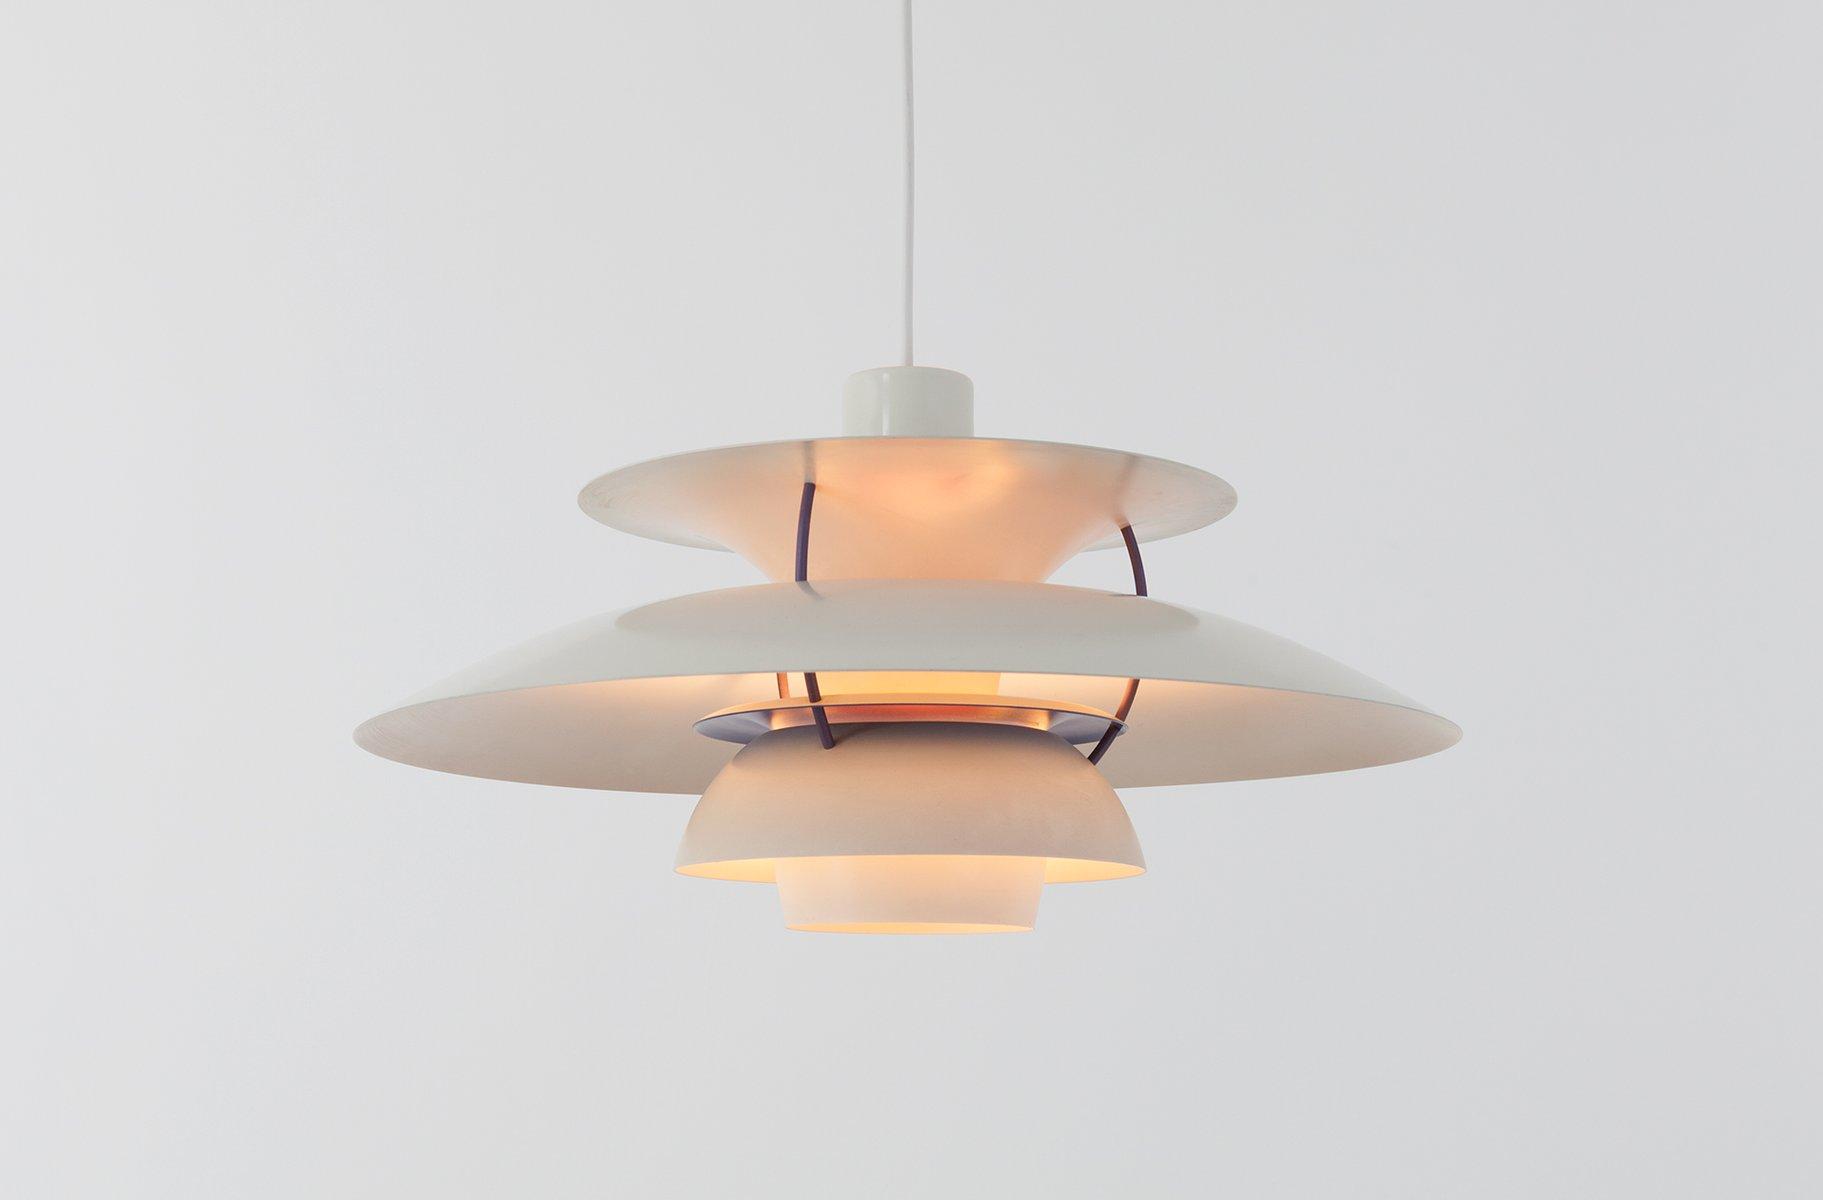 mid century ph 5 lampe von poul henningsen f r louis poulsen bei pamono kaufen. Black Bedroom Furniture Sets. Home Design Ideas